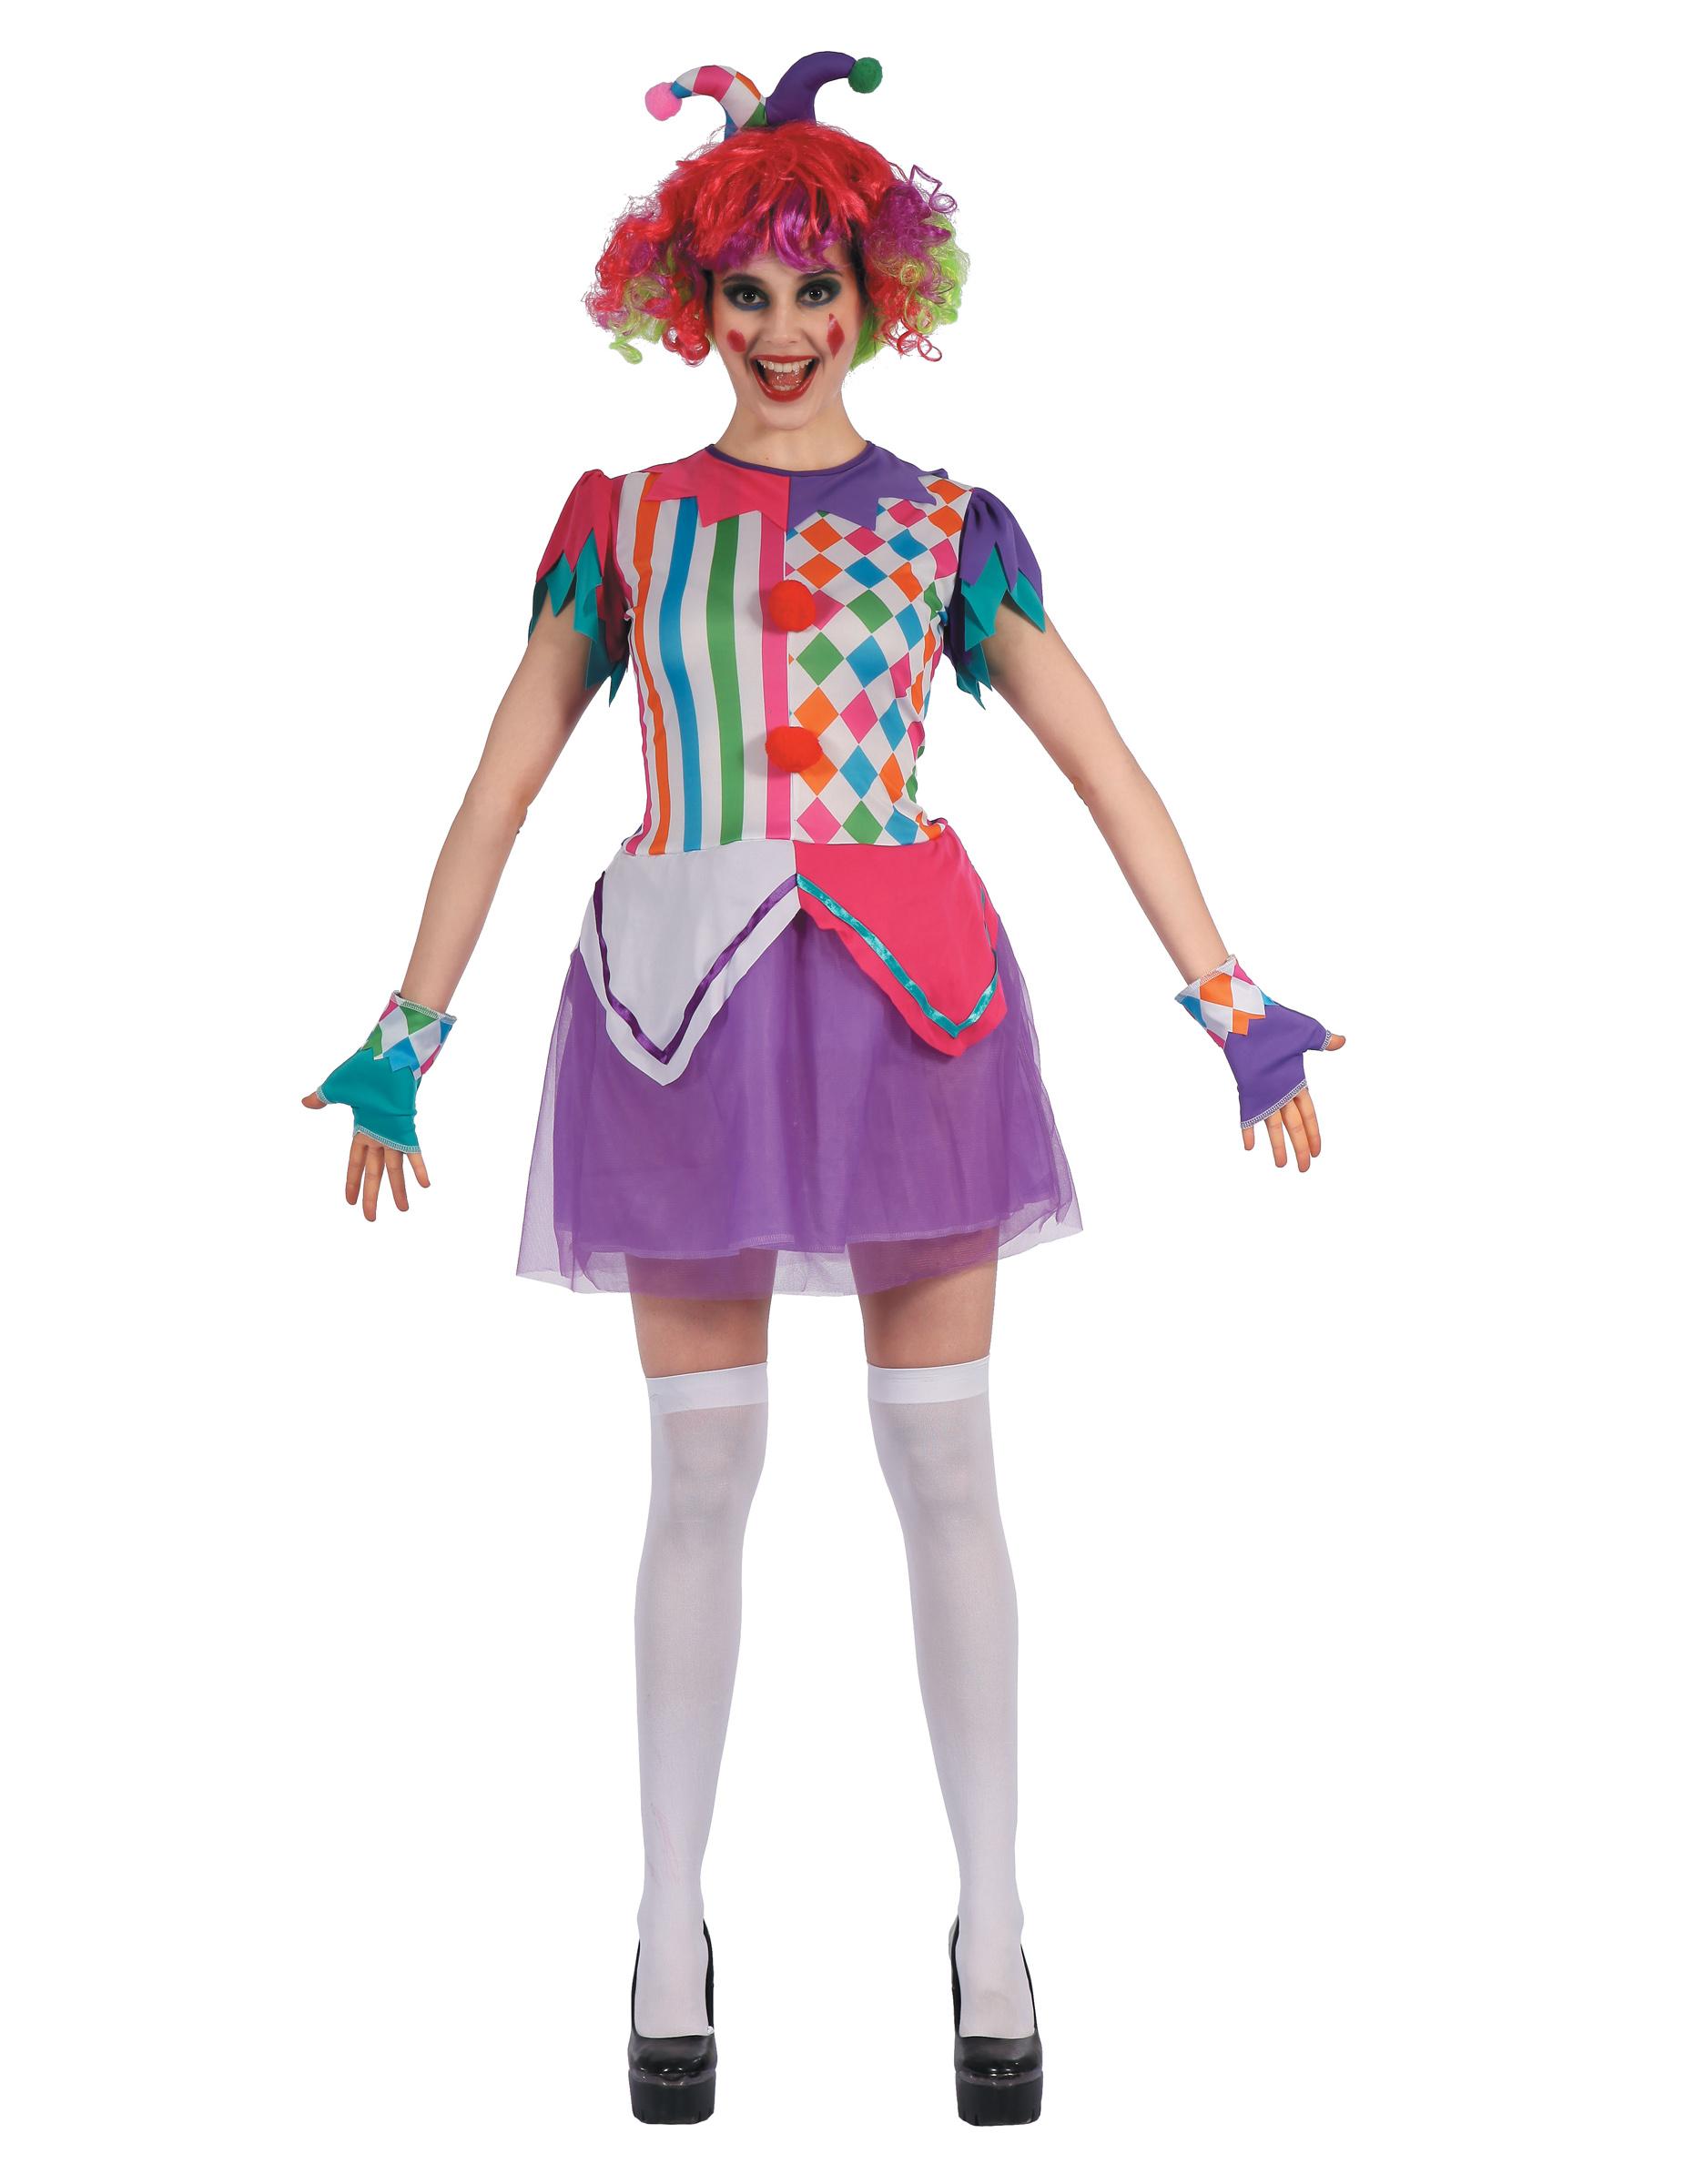 Deguisement-arlequin-pompons-colores-femme-Cod-239783